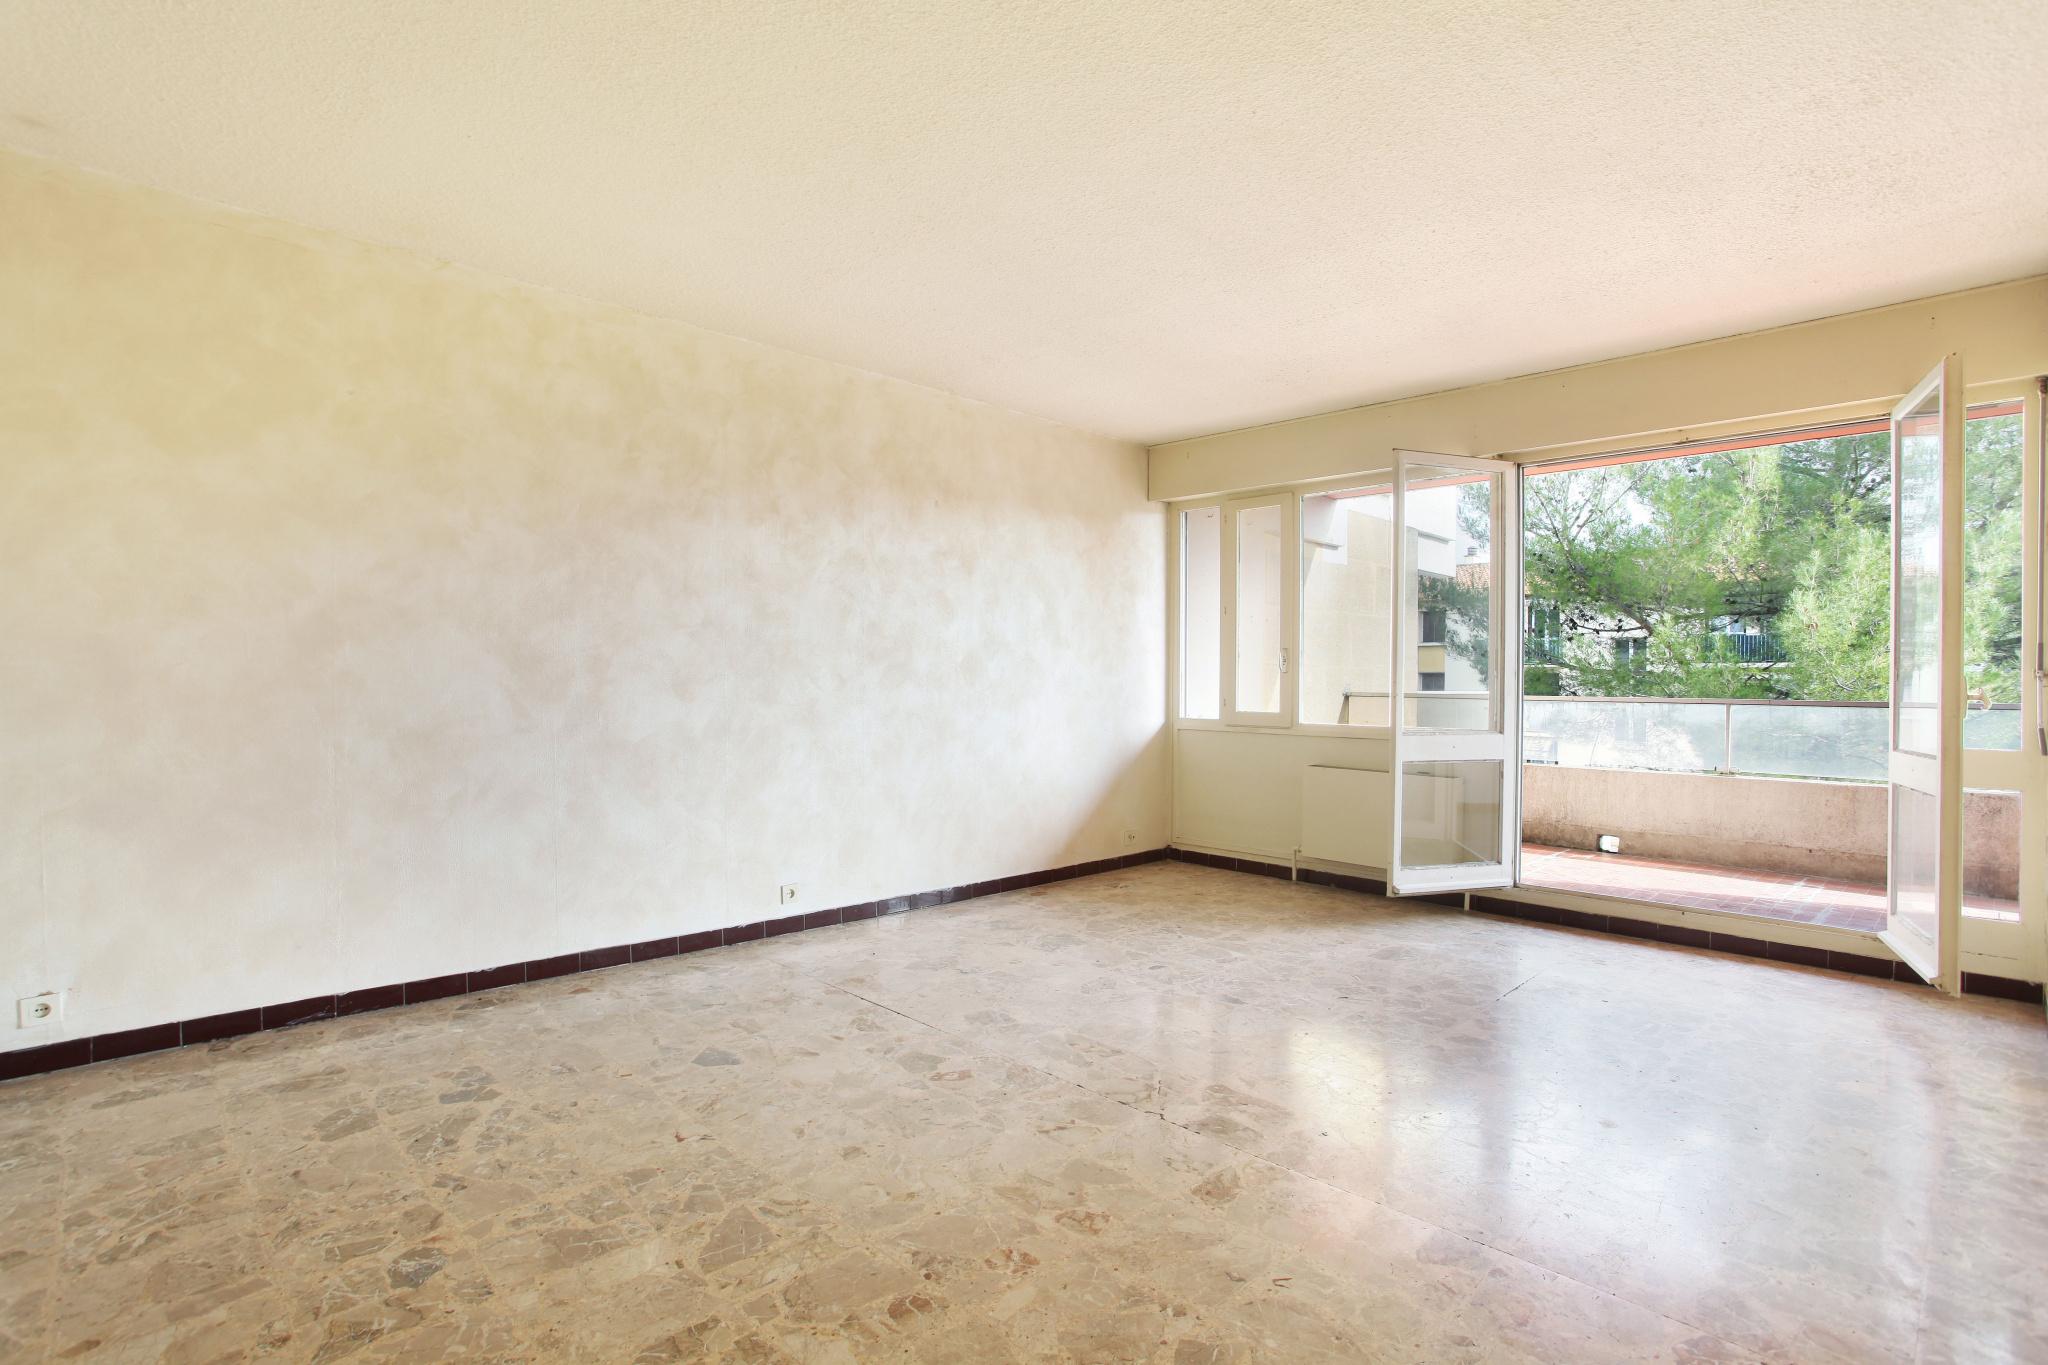 Appartement de type 3 avec grande terrasse, cave et parking couvert.